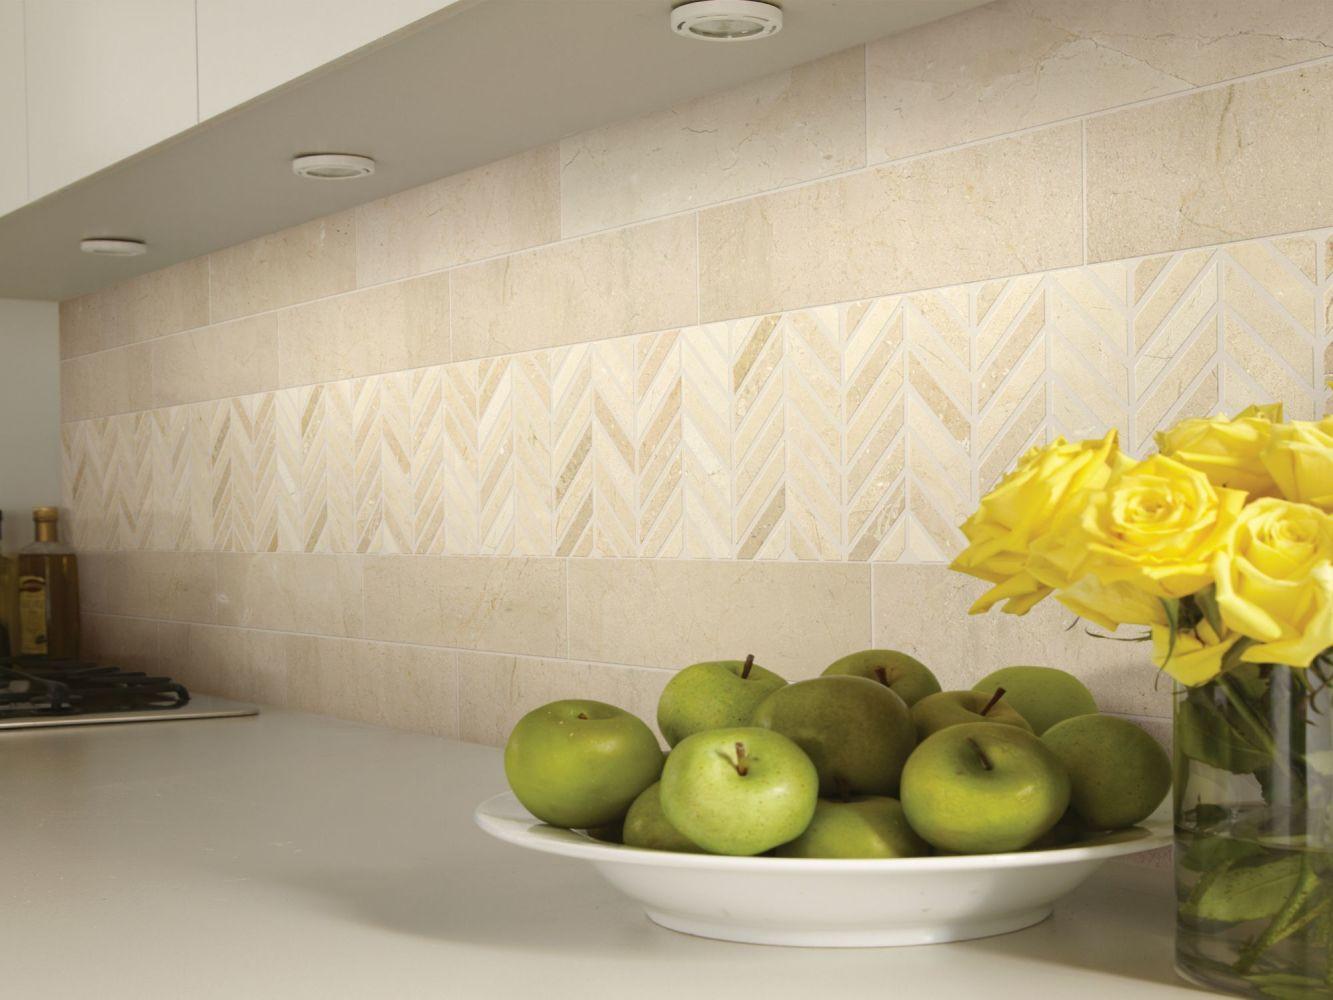 Shaw Floors Toll Brothers Ceramics Estate 4×16 Crema Marfil 00200_TL85B